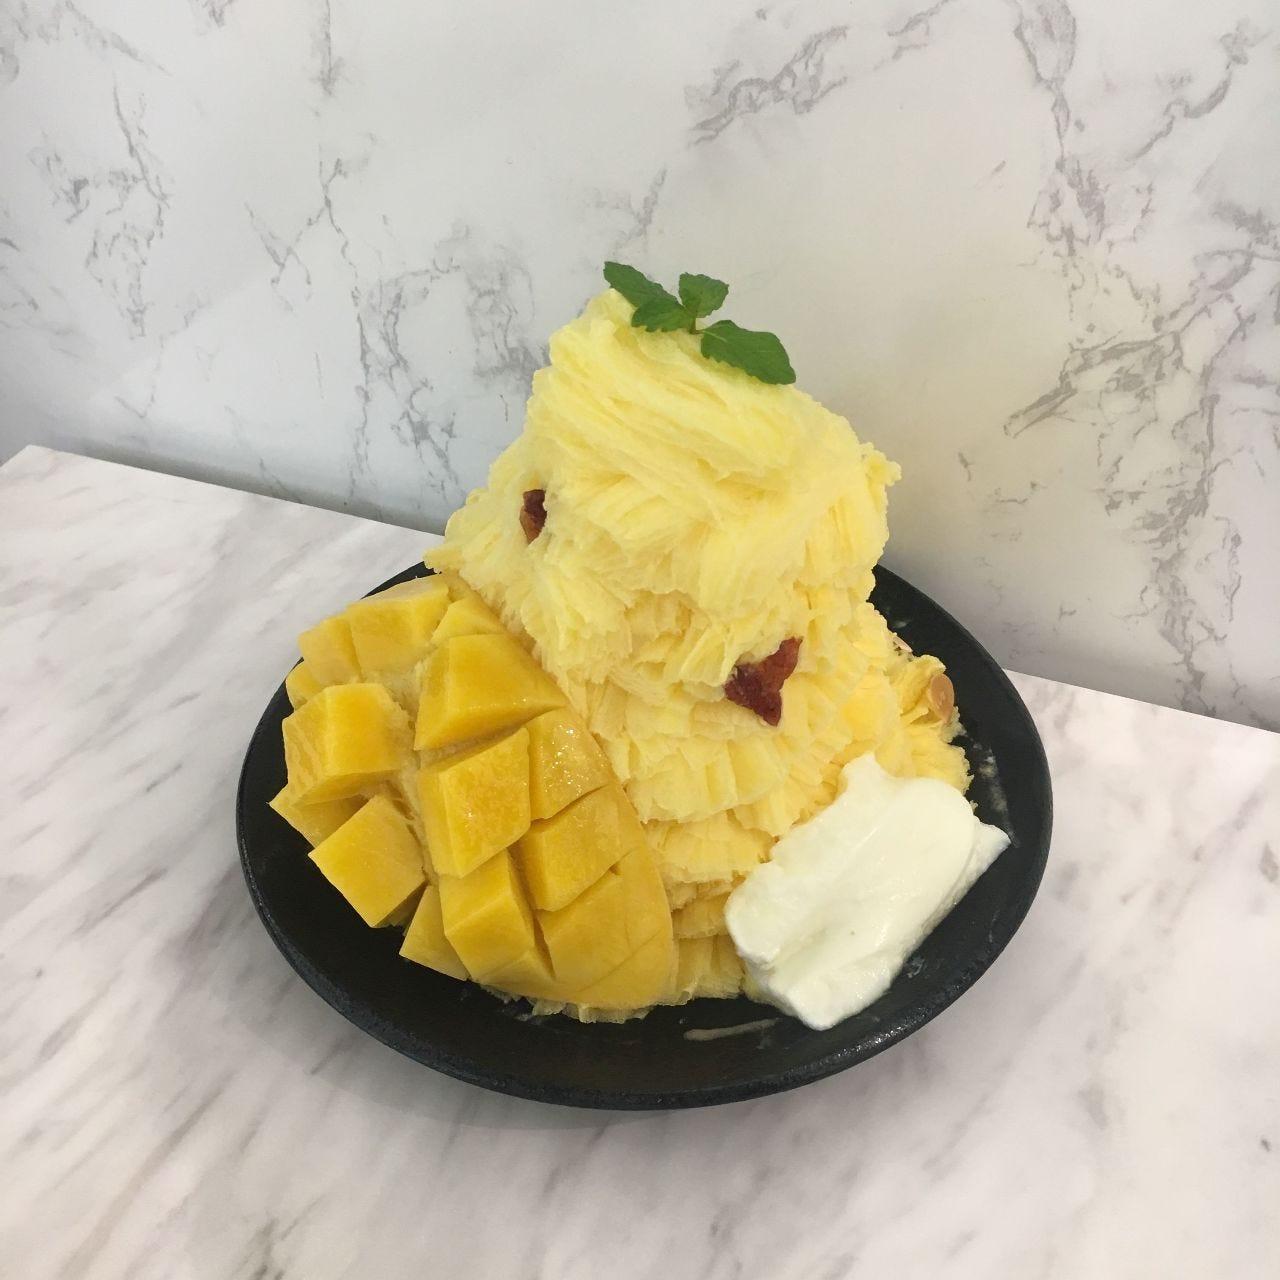 この夏絶対食べたい!原宿の人気かき氷5選の画像